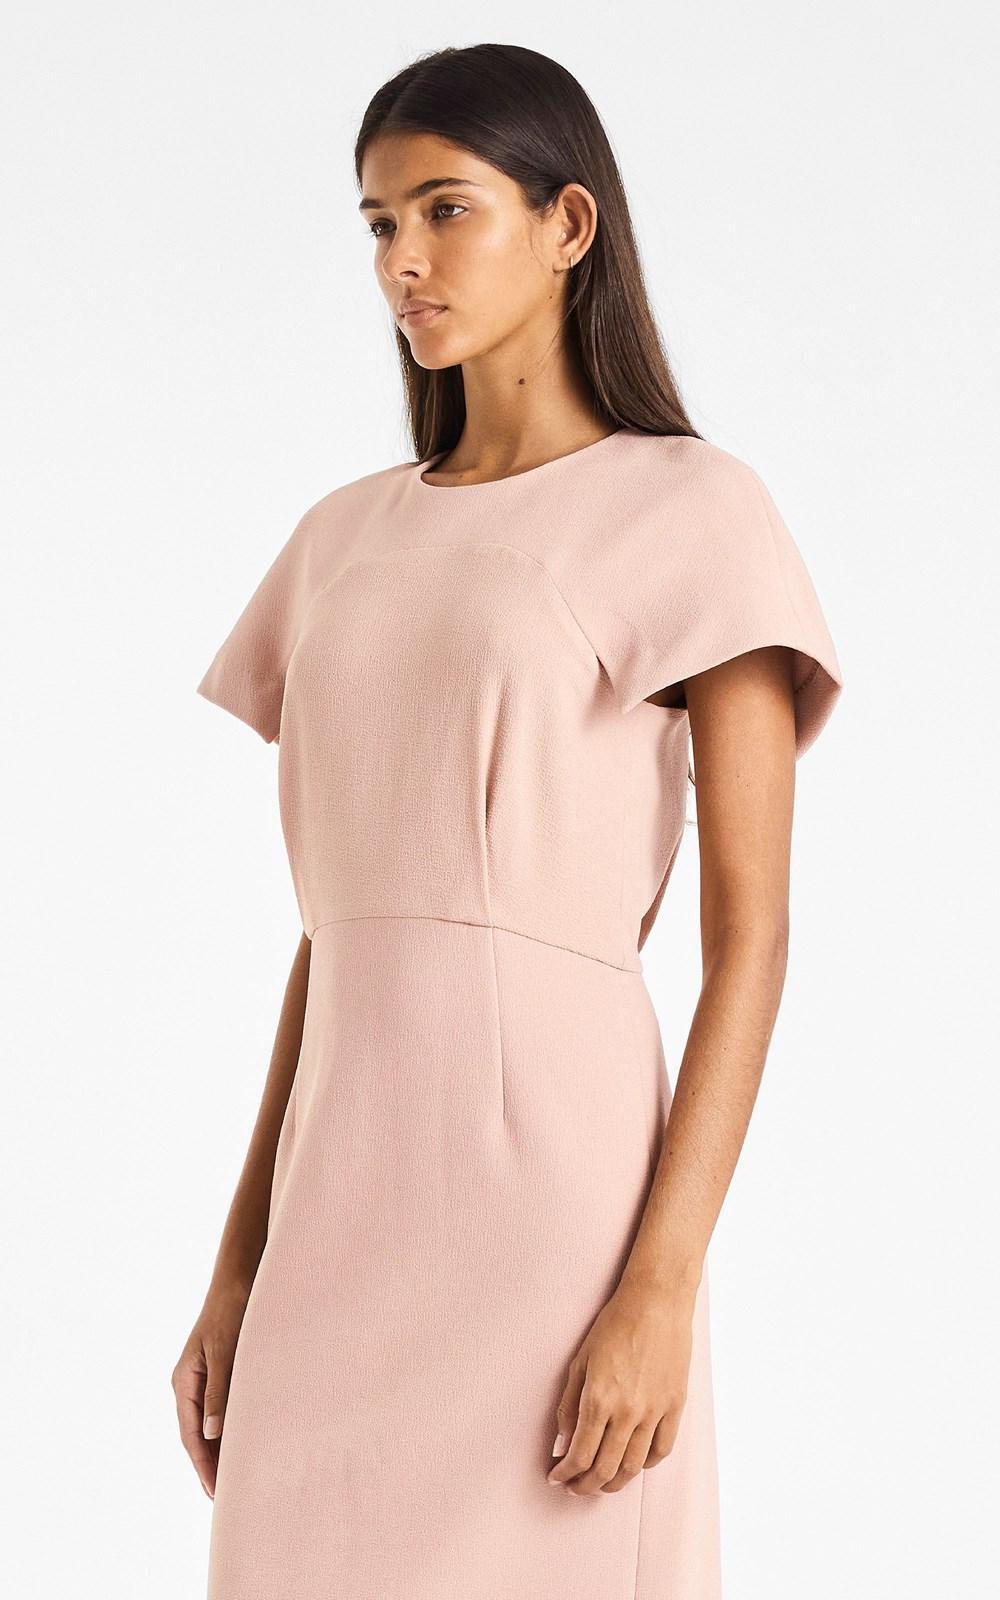 Dresses | CONCAVE CREPE DRESS